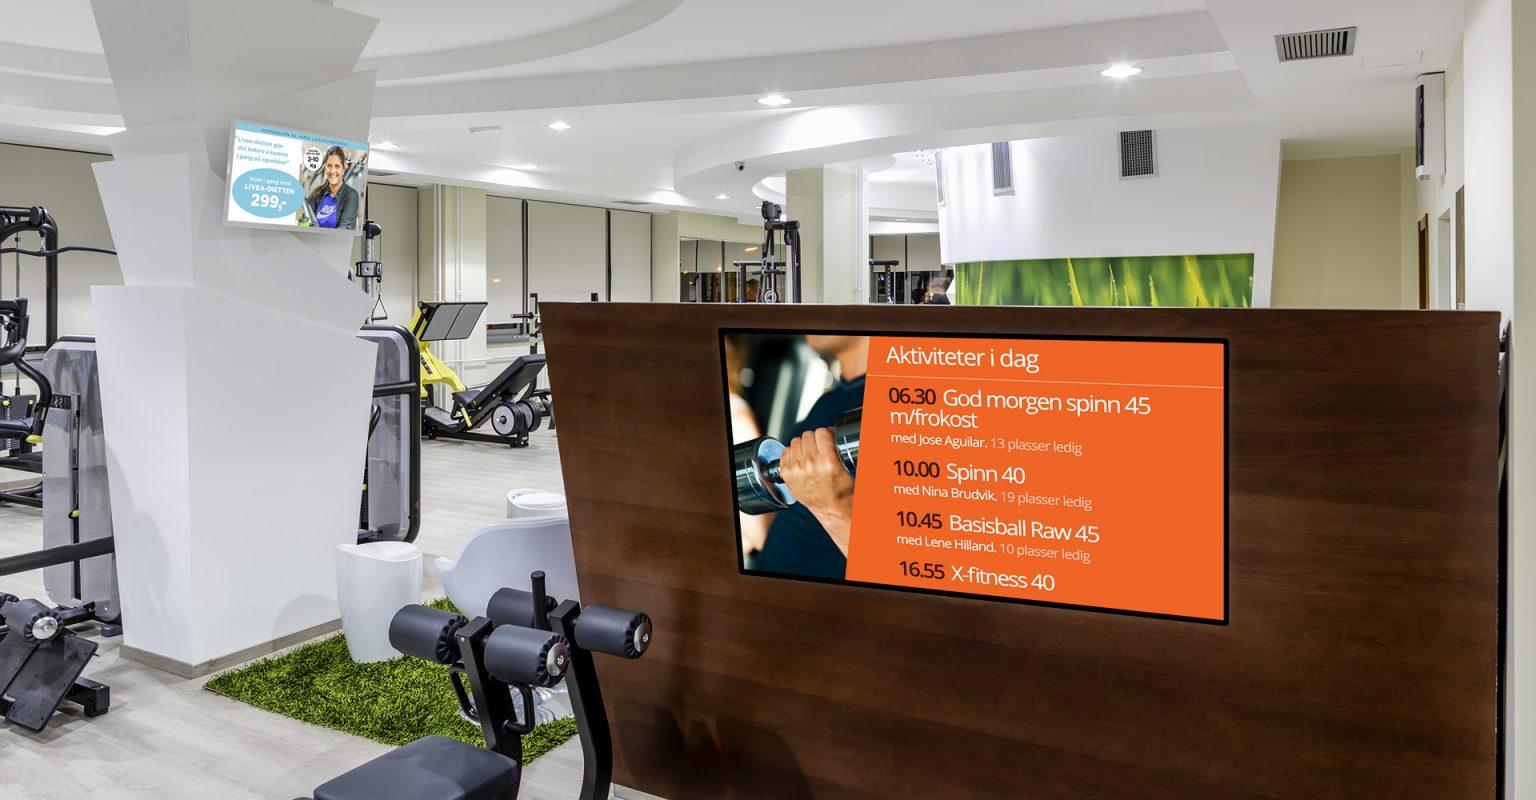 resepsjon-infoskjerm-treningssenter-med-displaysystem